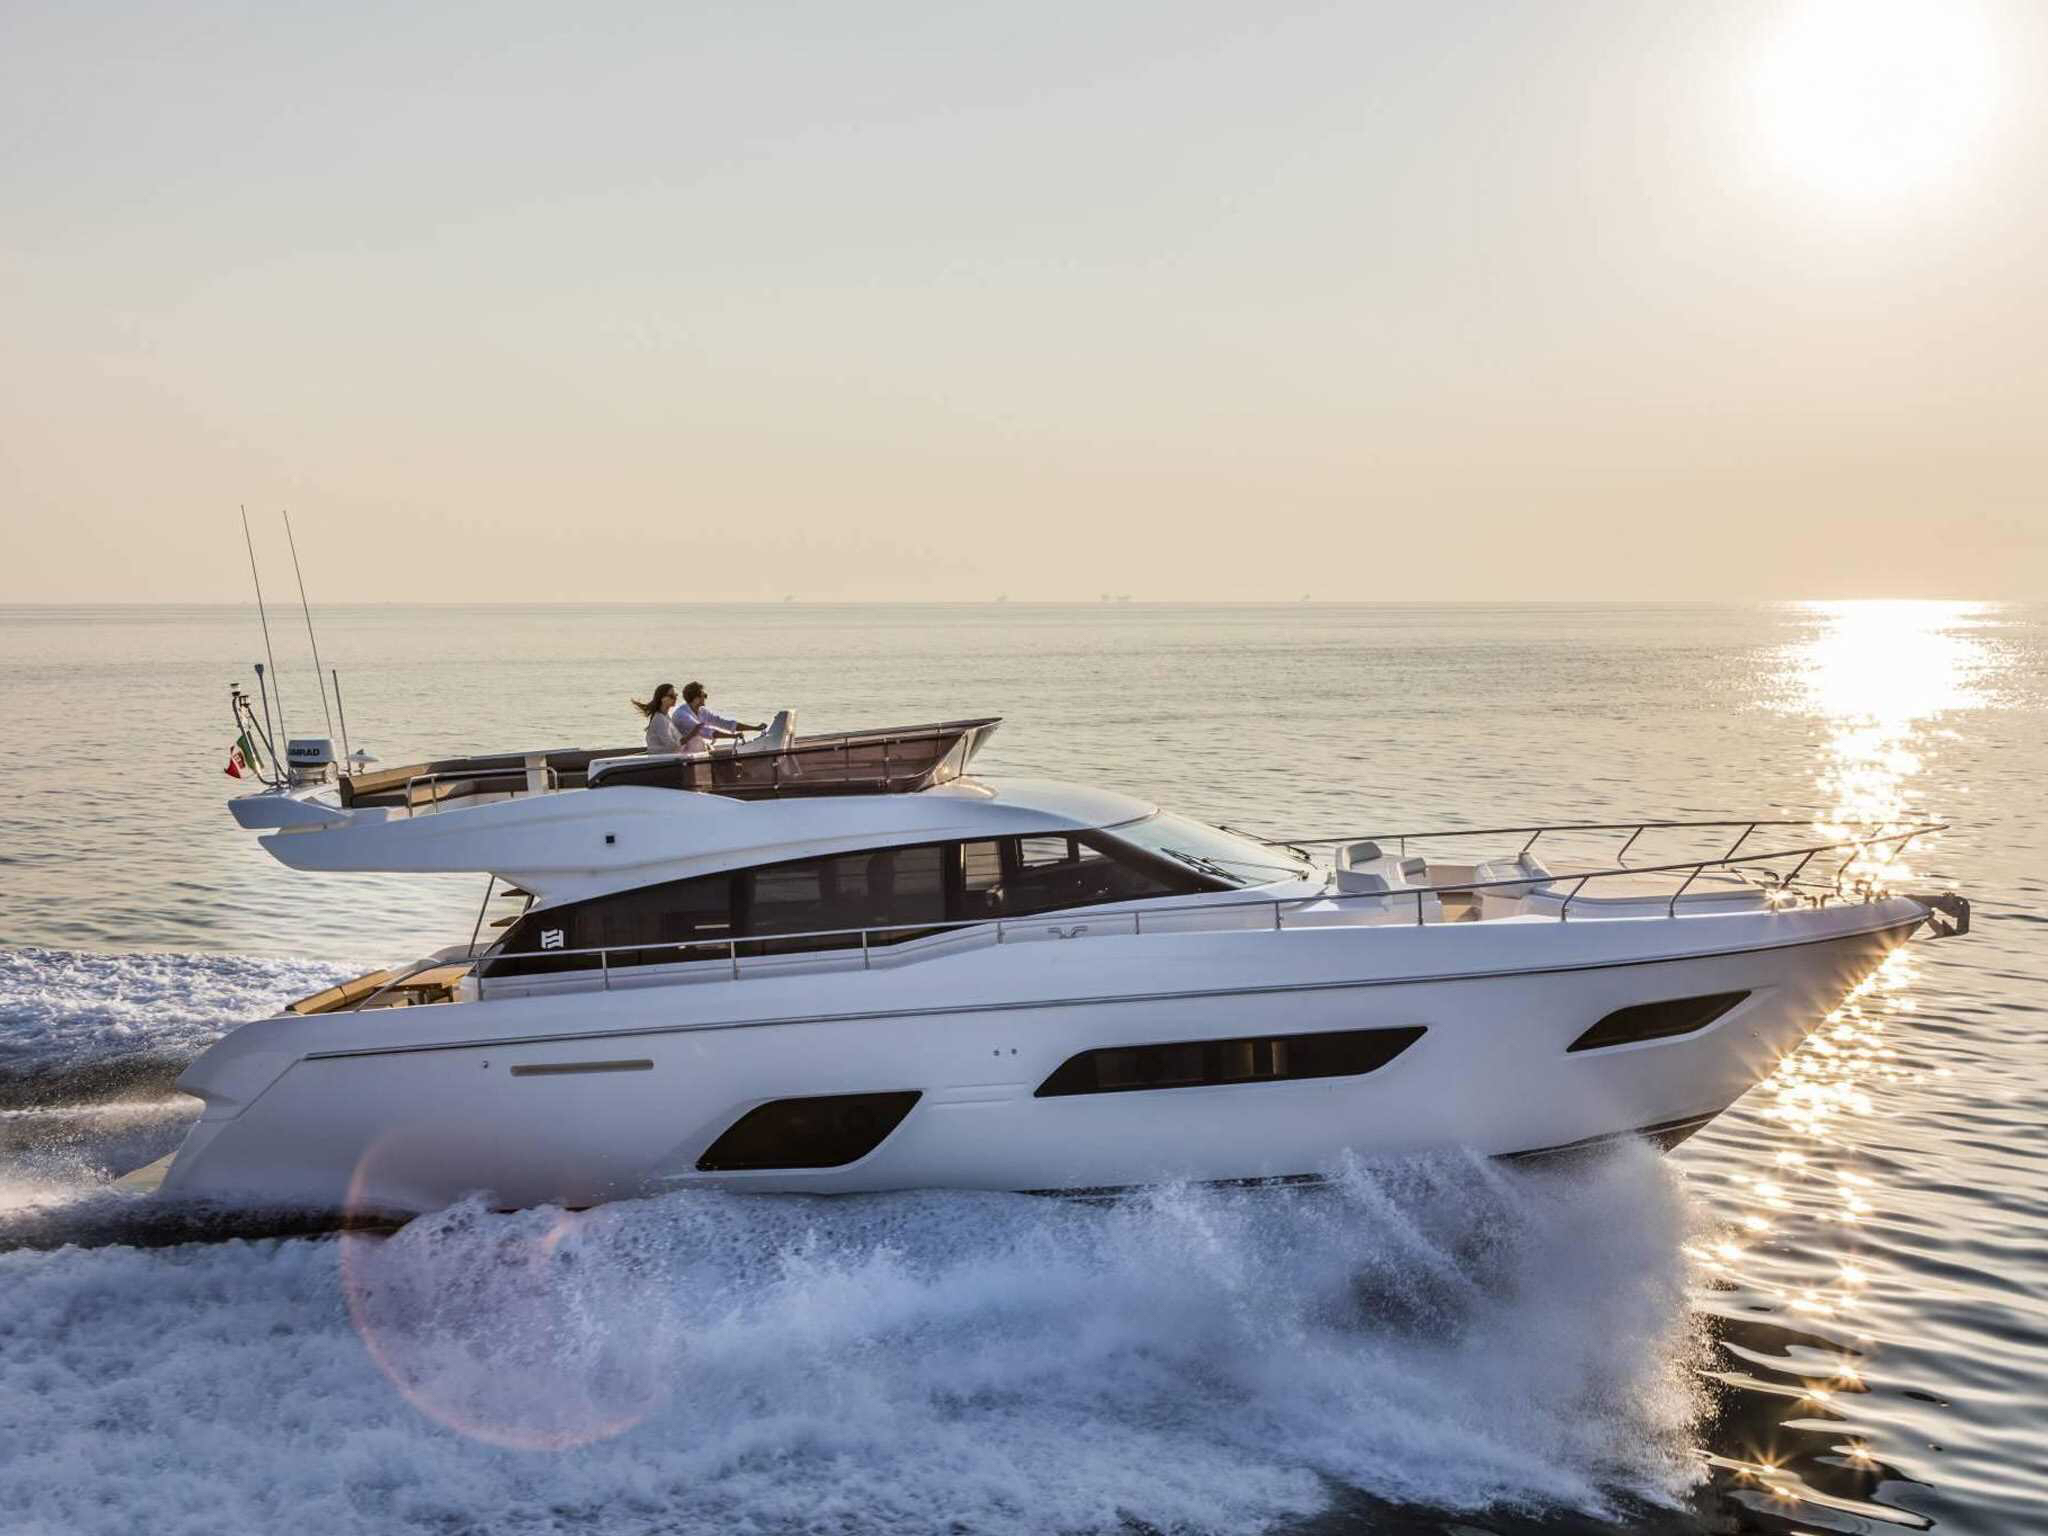 ferretti-yachts-550-1-presentation